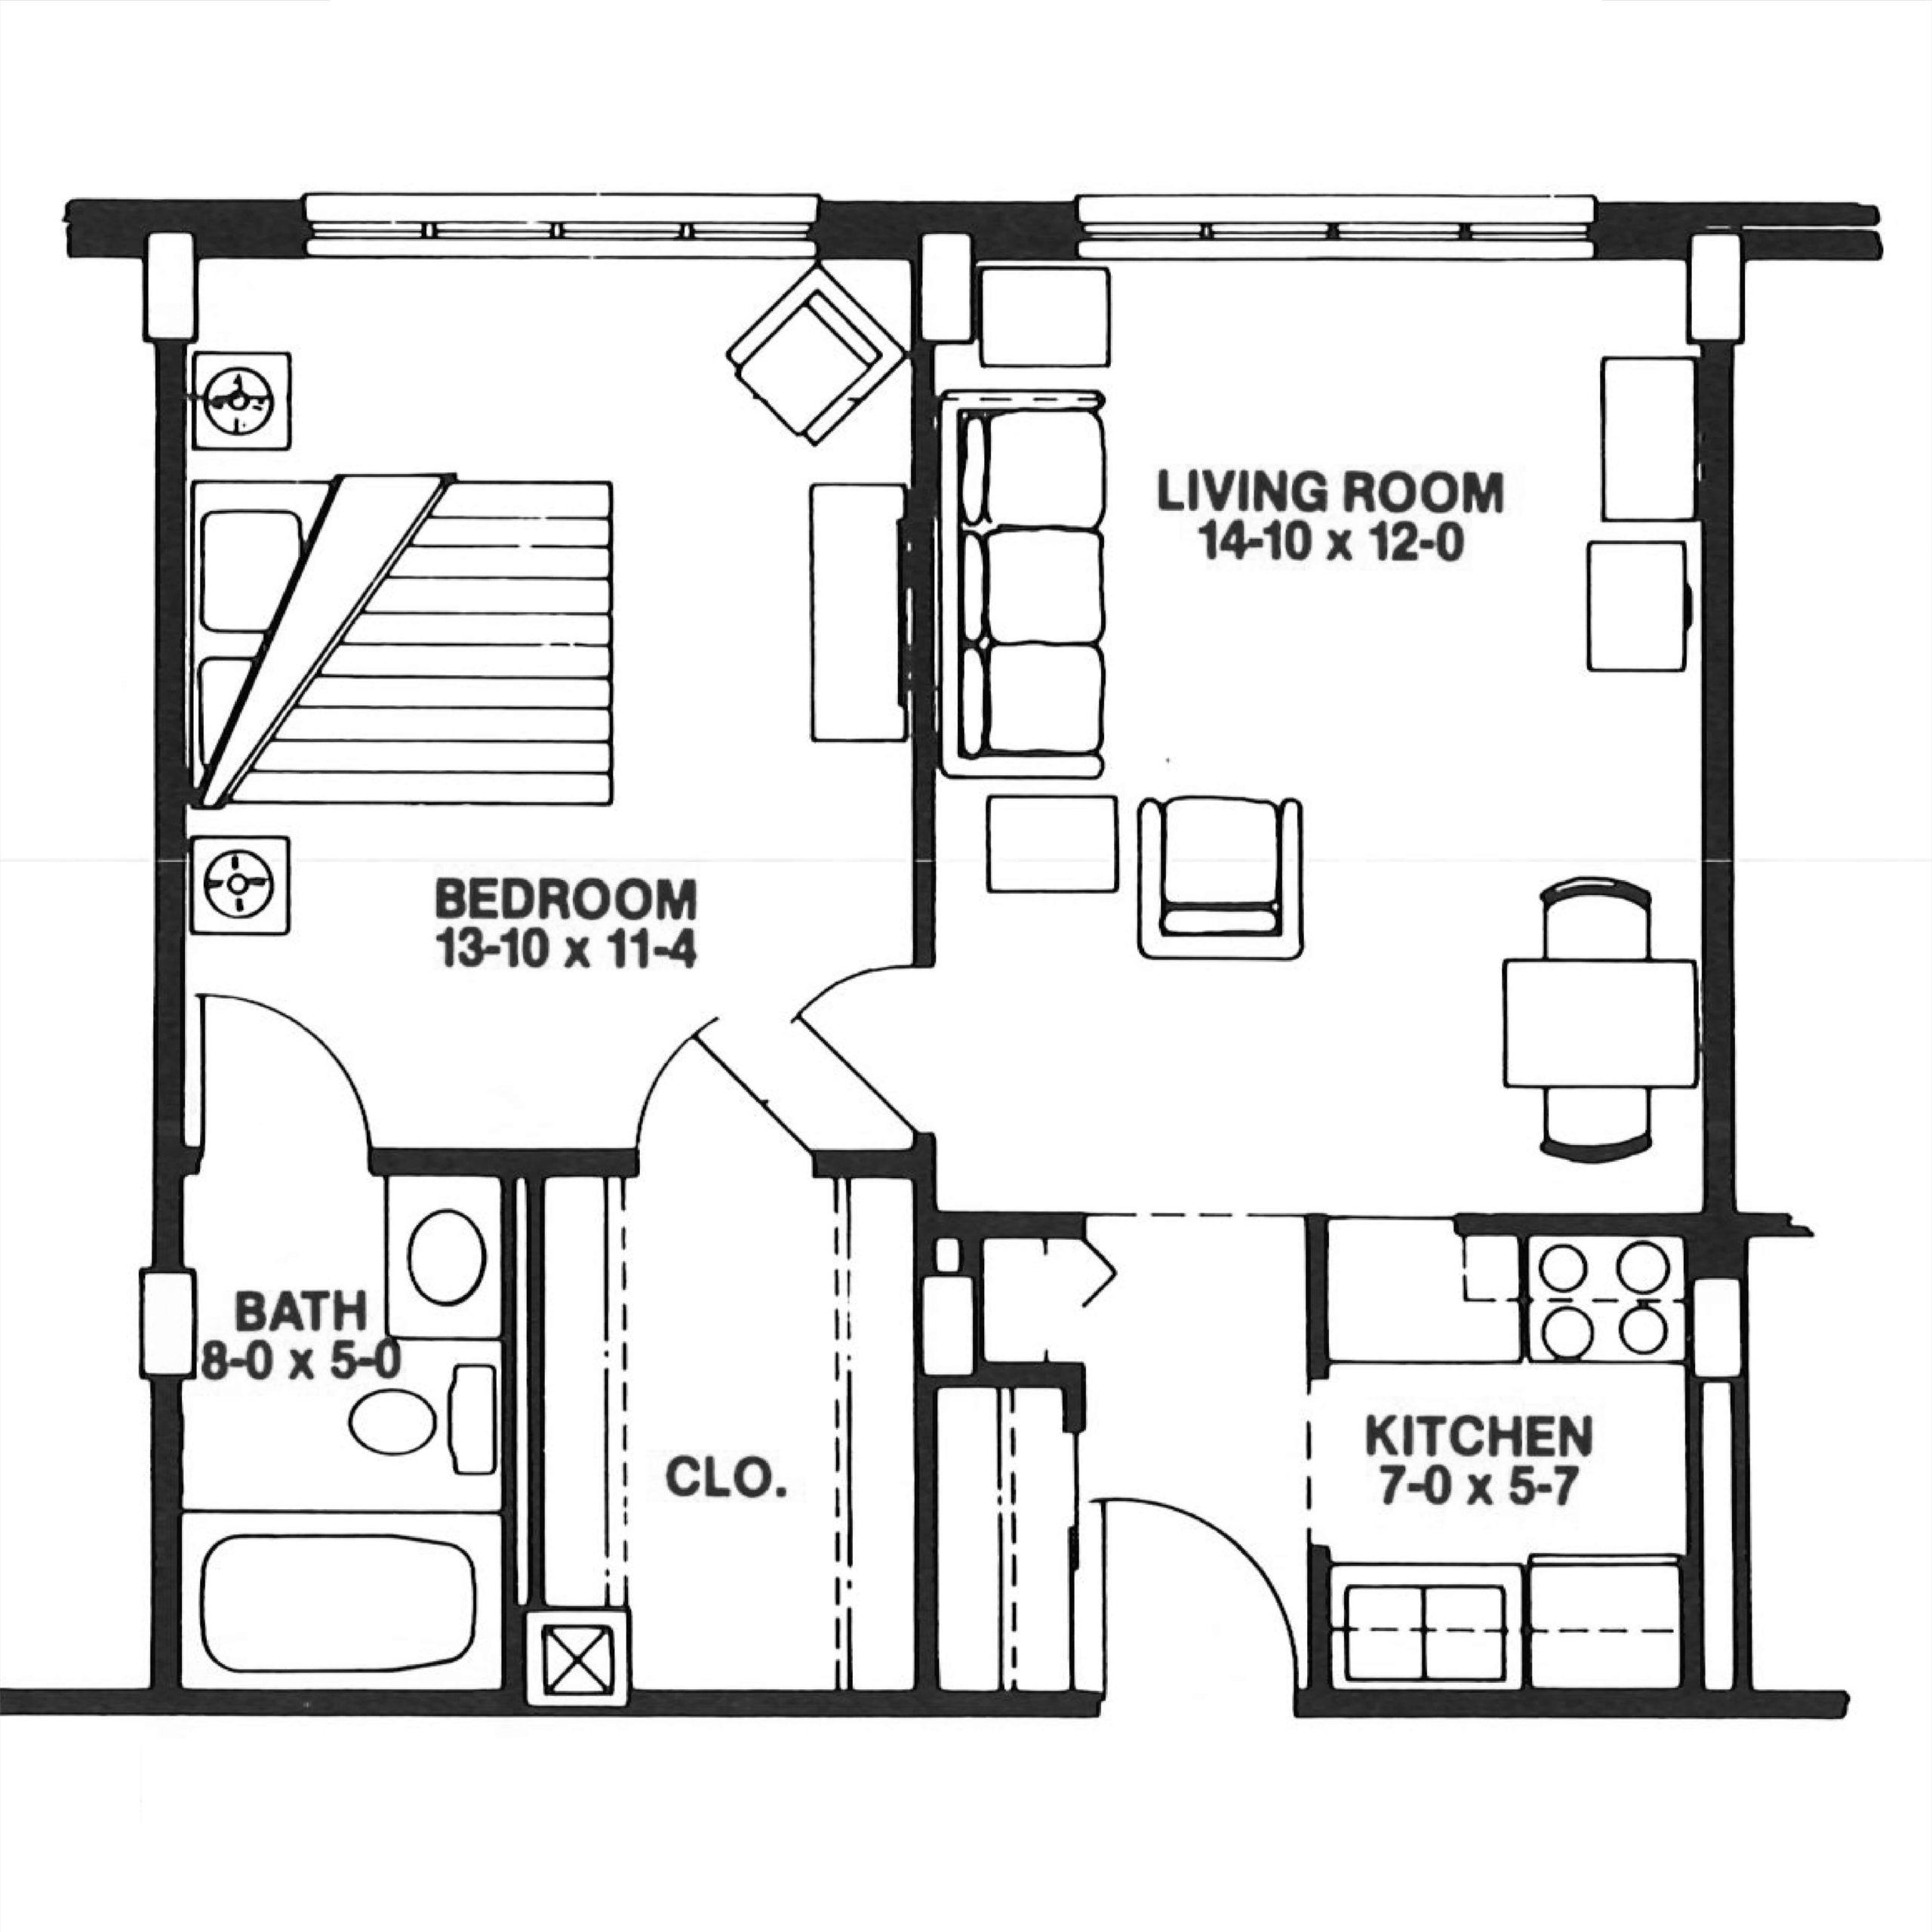 Azalea floor plan blueprint